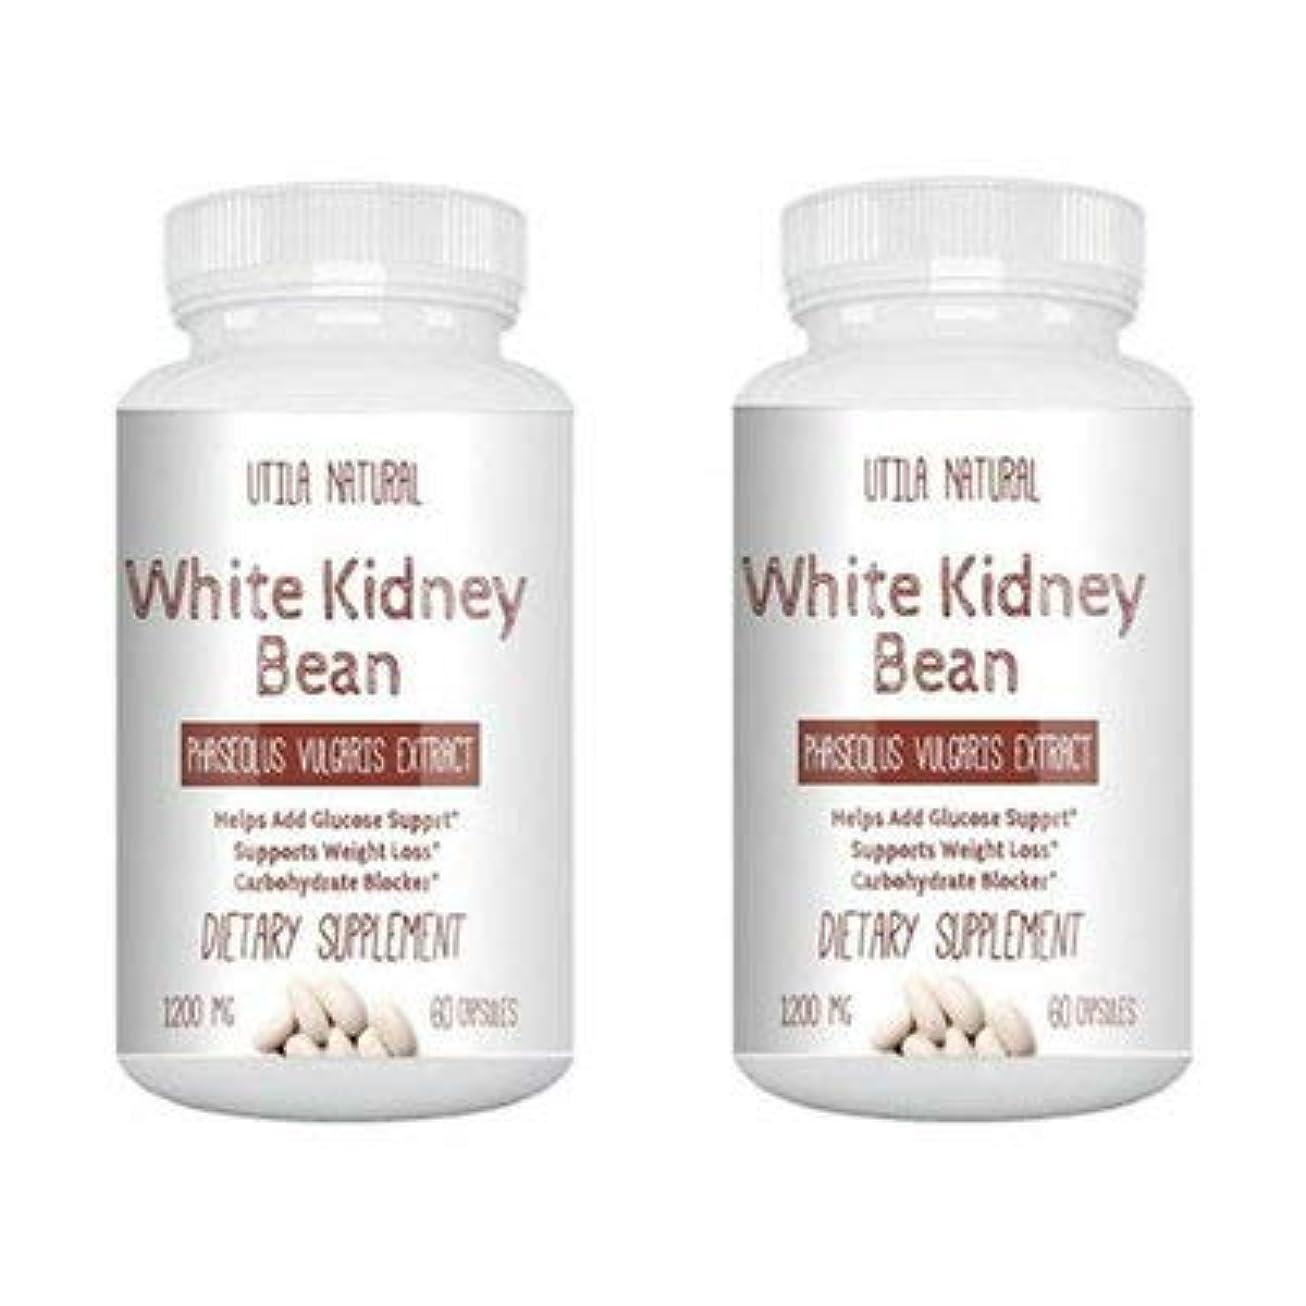 ジョブバルコニー世界的にお得な2個セット!  白いんげん豆サプリ  ホワイトキドニービーン抽出液  600mg 60ベジタブルカプセル White Kidney Bean [並行輸入品]